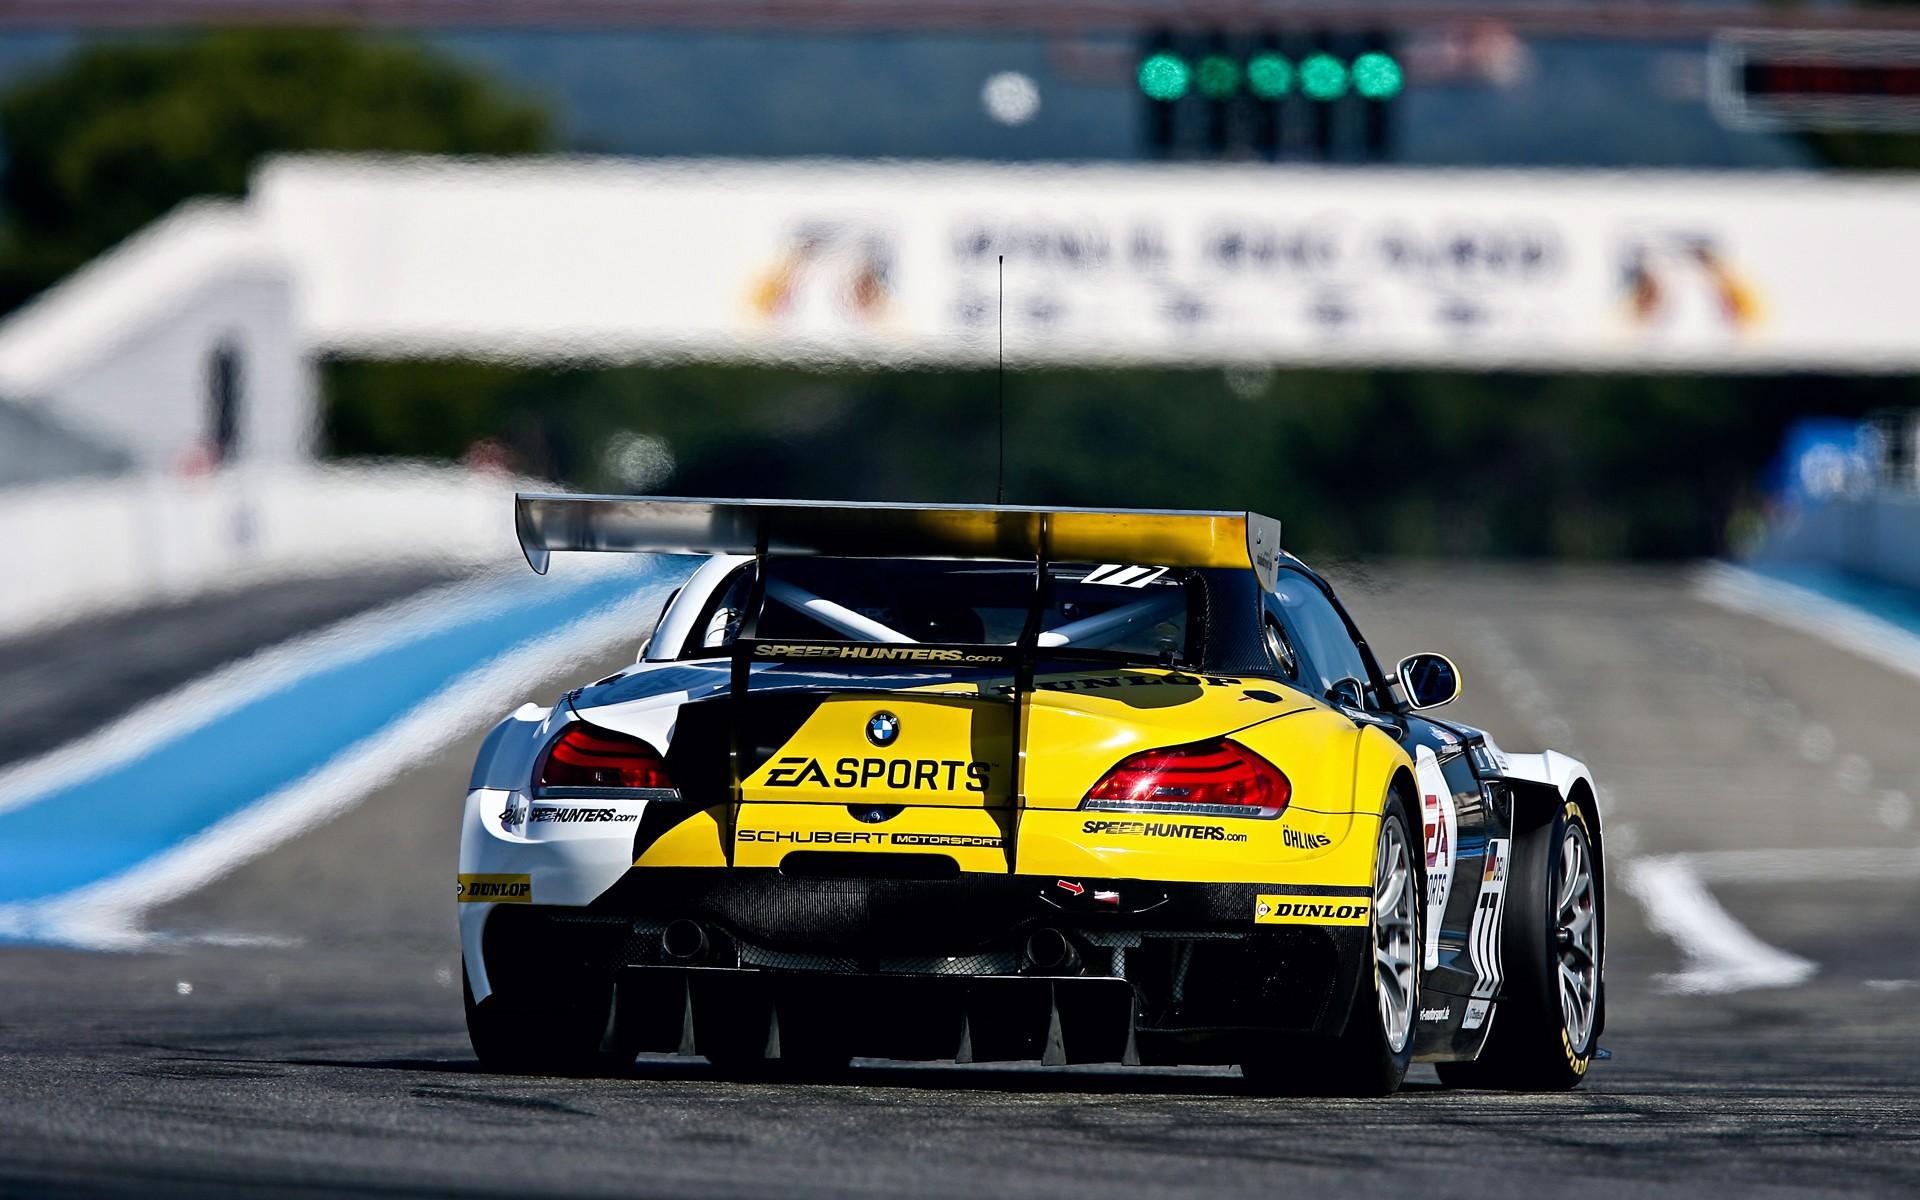 Inspired Racing Car Wallpaper